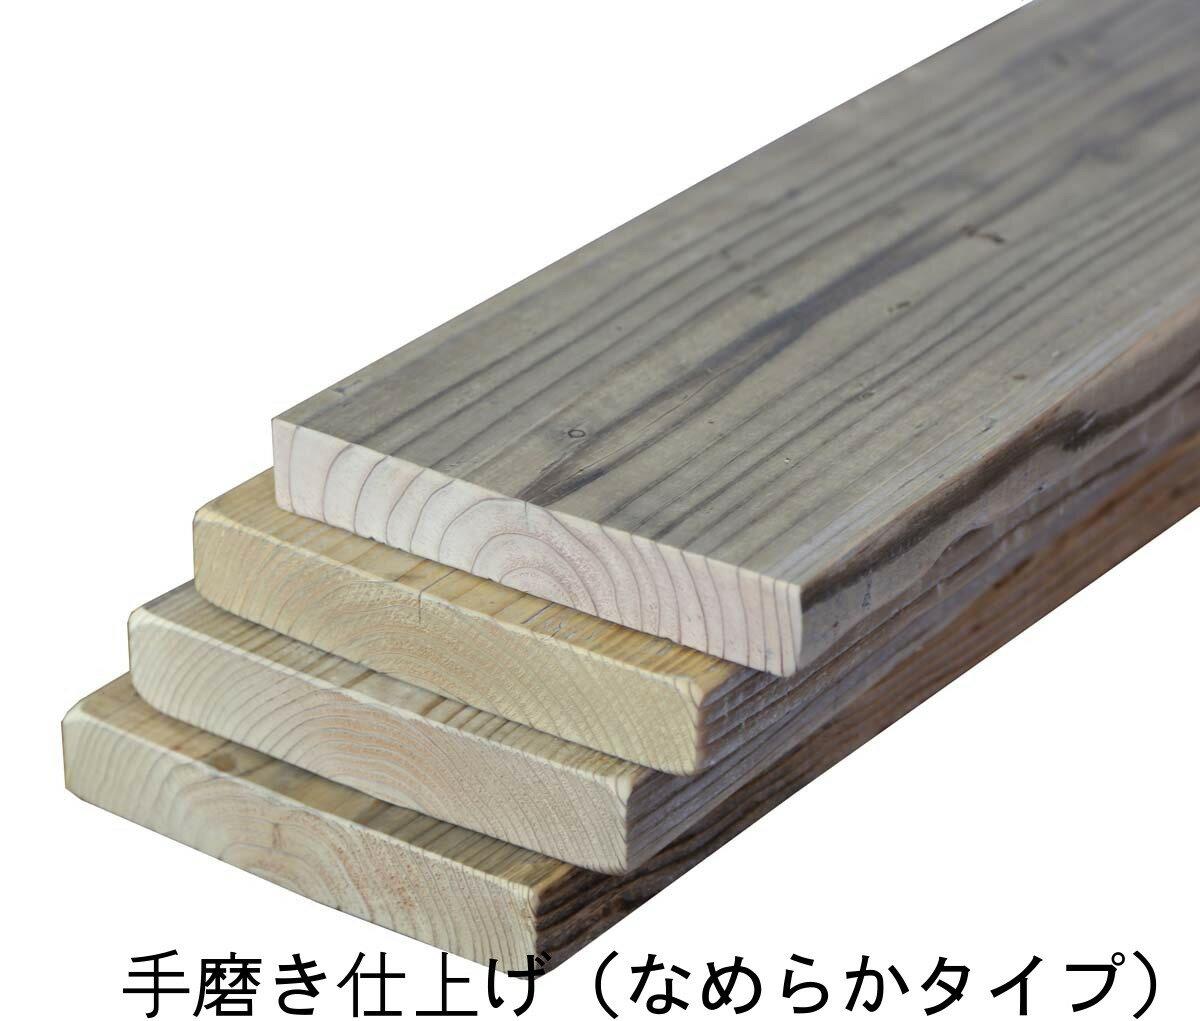 OLD ASHIBA(足場板古材) フリー板 4枚セット厚35mm×幅200/210mm×長さ700mm 無塗装 【小型商品】